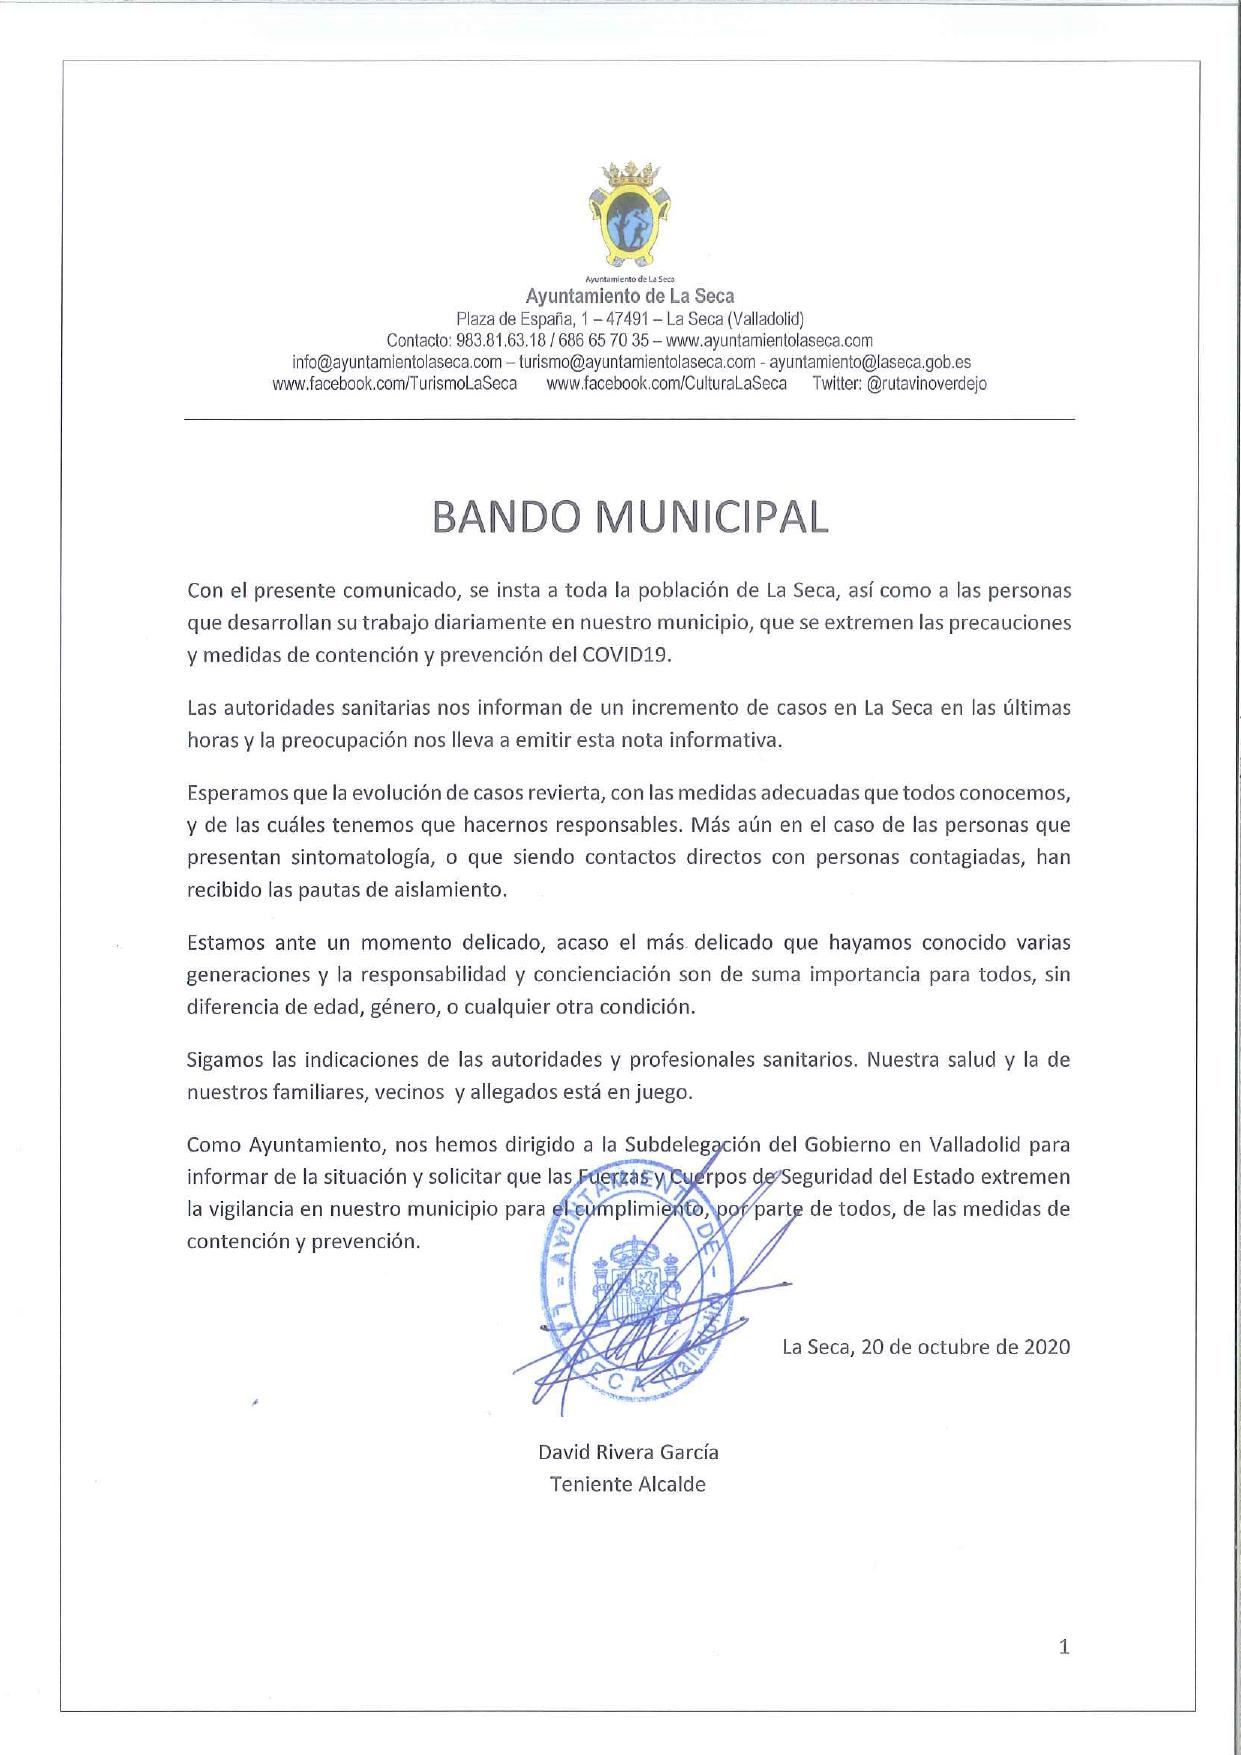 Bando Municipal relativo a la situación de la pandemia de COVID19 en La Seca